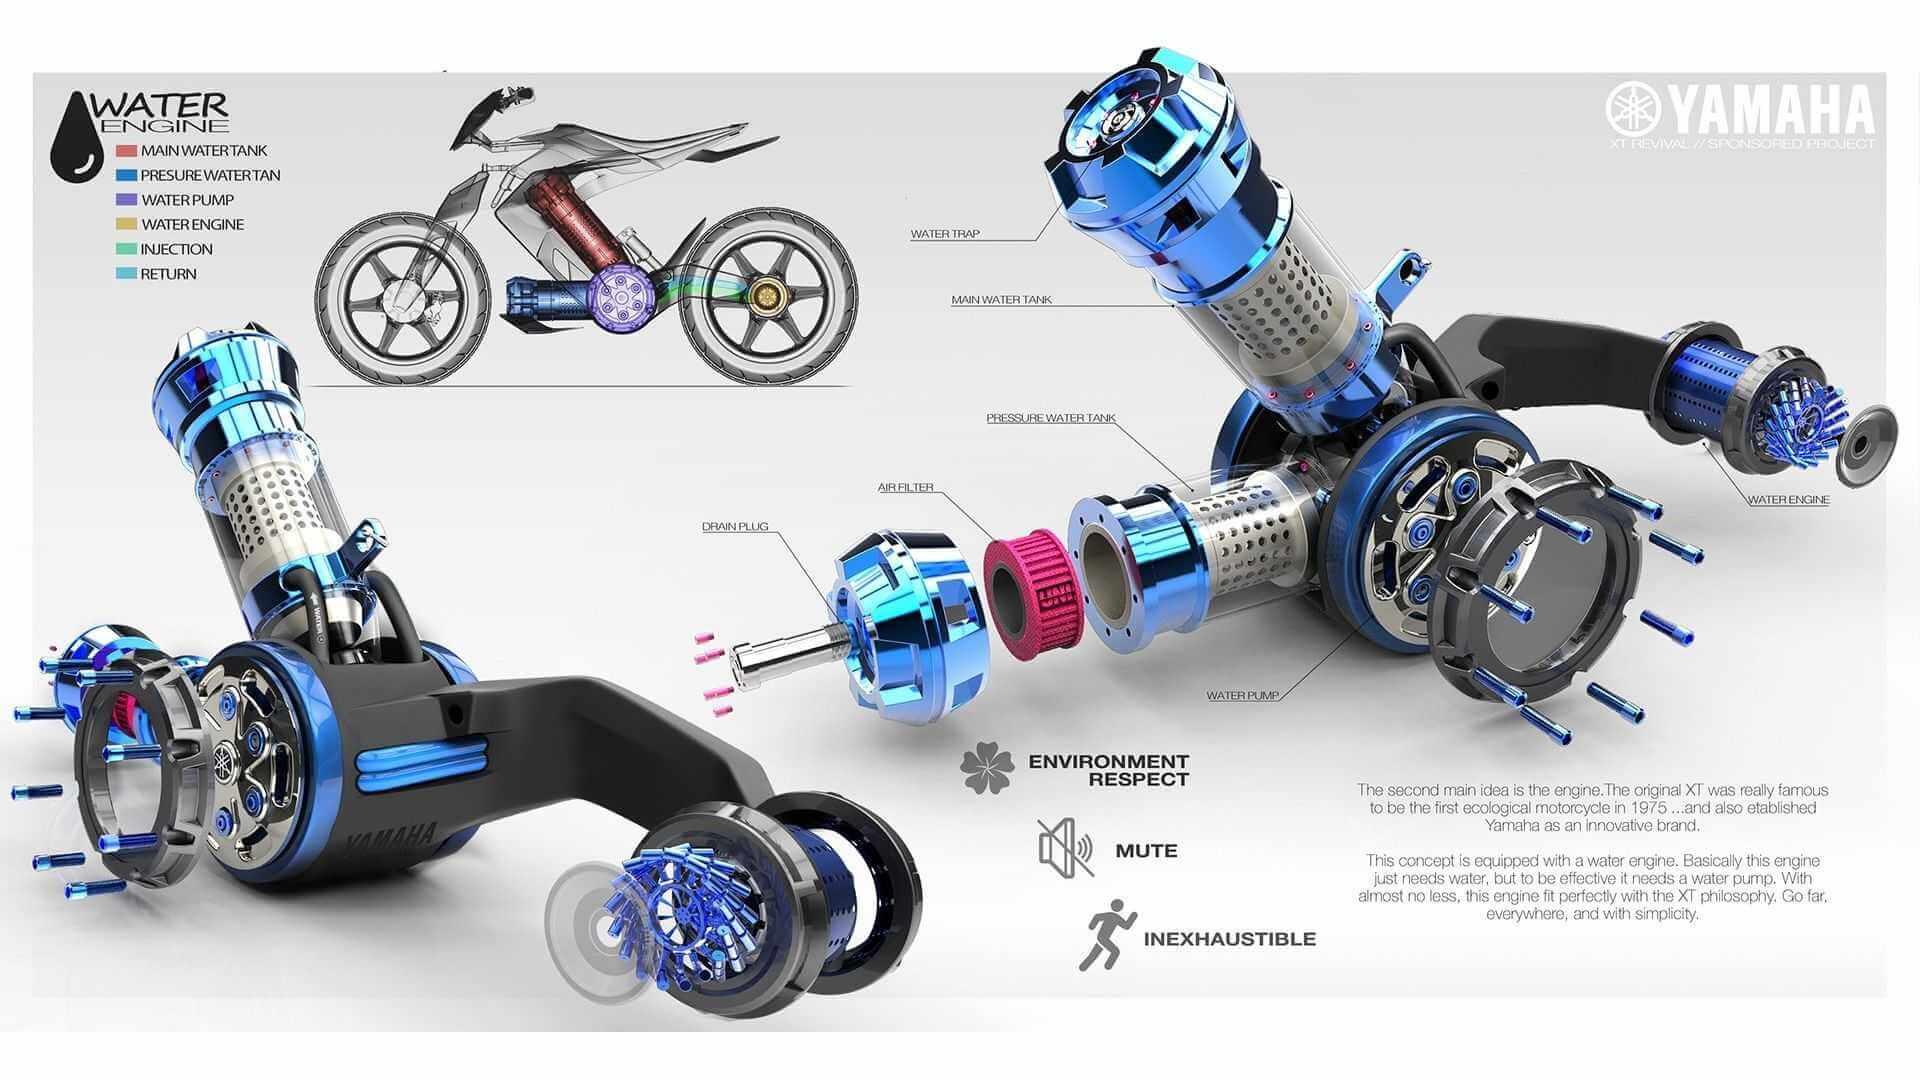 Yamaha разрабатывает мотоцикл с водяным двигателем